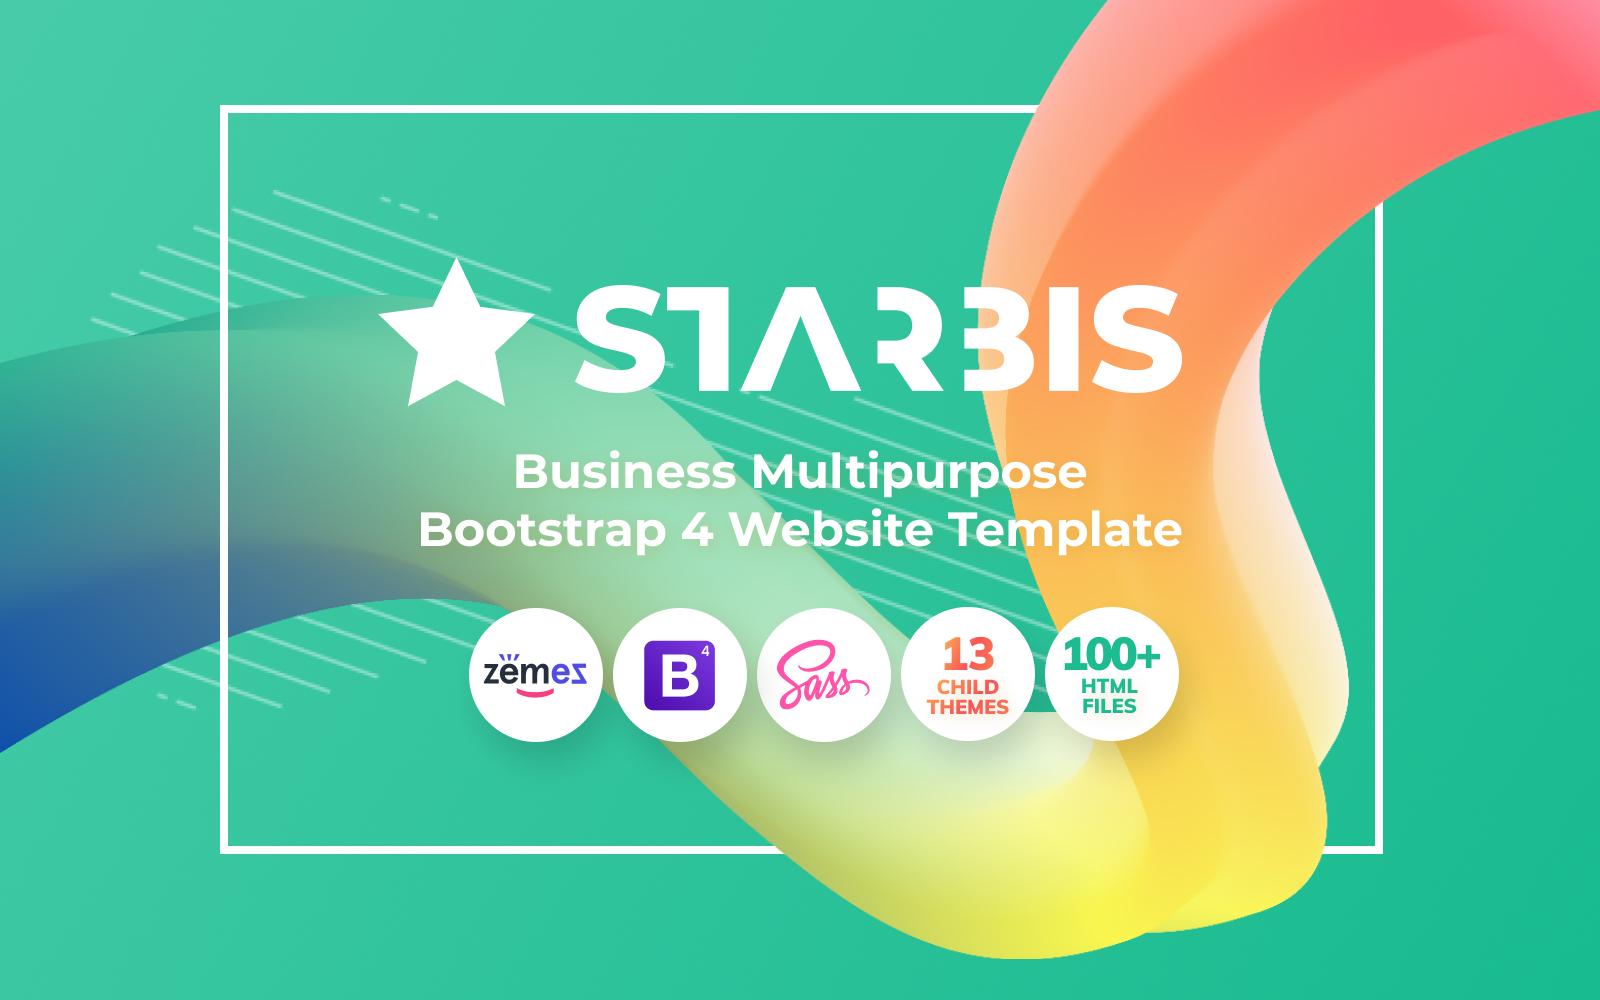 """Responzivní Šablona webových stránek """"Starbis - Business Multipurpose Bootstrap 4 Website Template"""" #60047"""